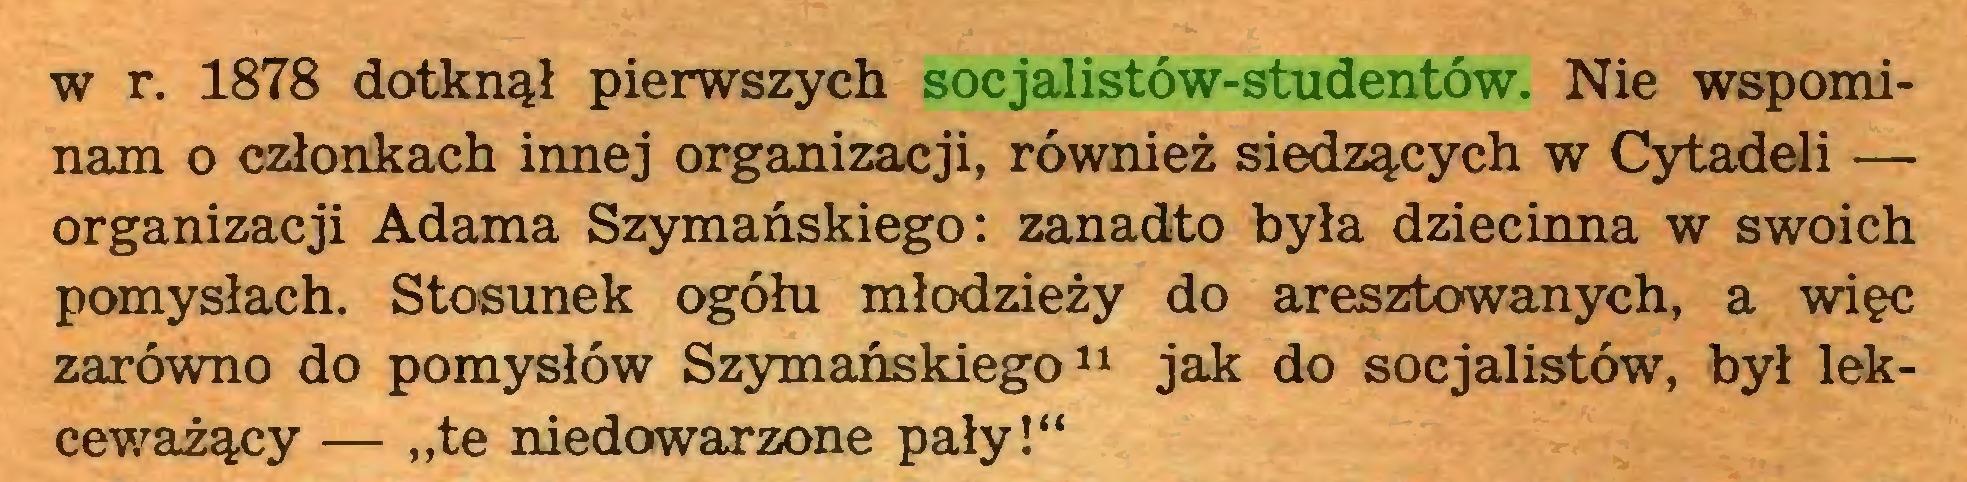 """(...) w r. 1878 dotknął pierwszych socjalistów-studentów. Nie wspominam o członkach innej organizacji, również siedzących w Cytadeli — organizacji Adama Szymańskiego: zanadto była dziecinna w swoich pomysłach. Stosunek ogółu młodzieży do aresztowanych, a więc zarówno do pomysłów Szymańskiego11 jak do socjalistów, był lekceważący — """"te niedowarzone pały!""""..."""